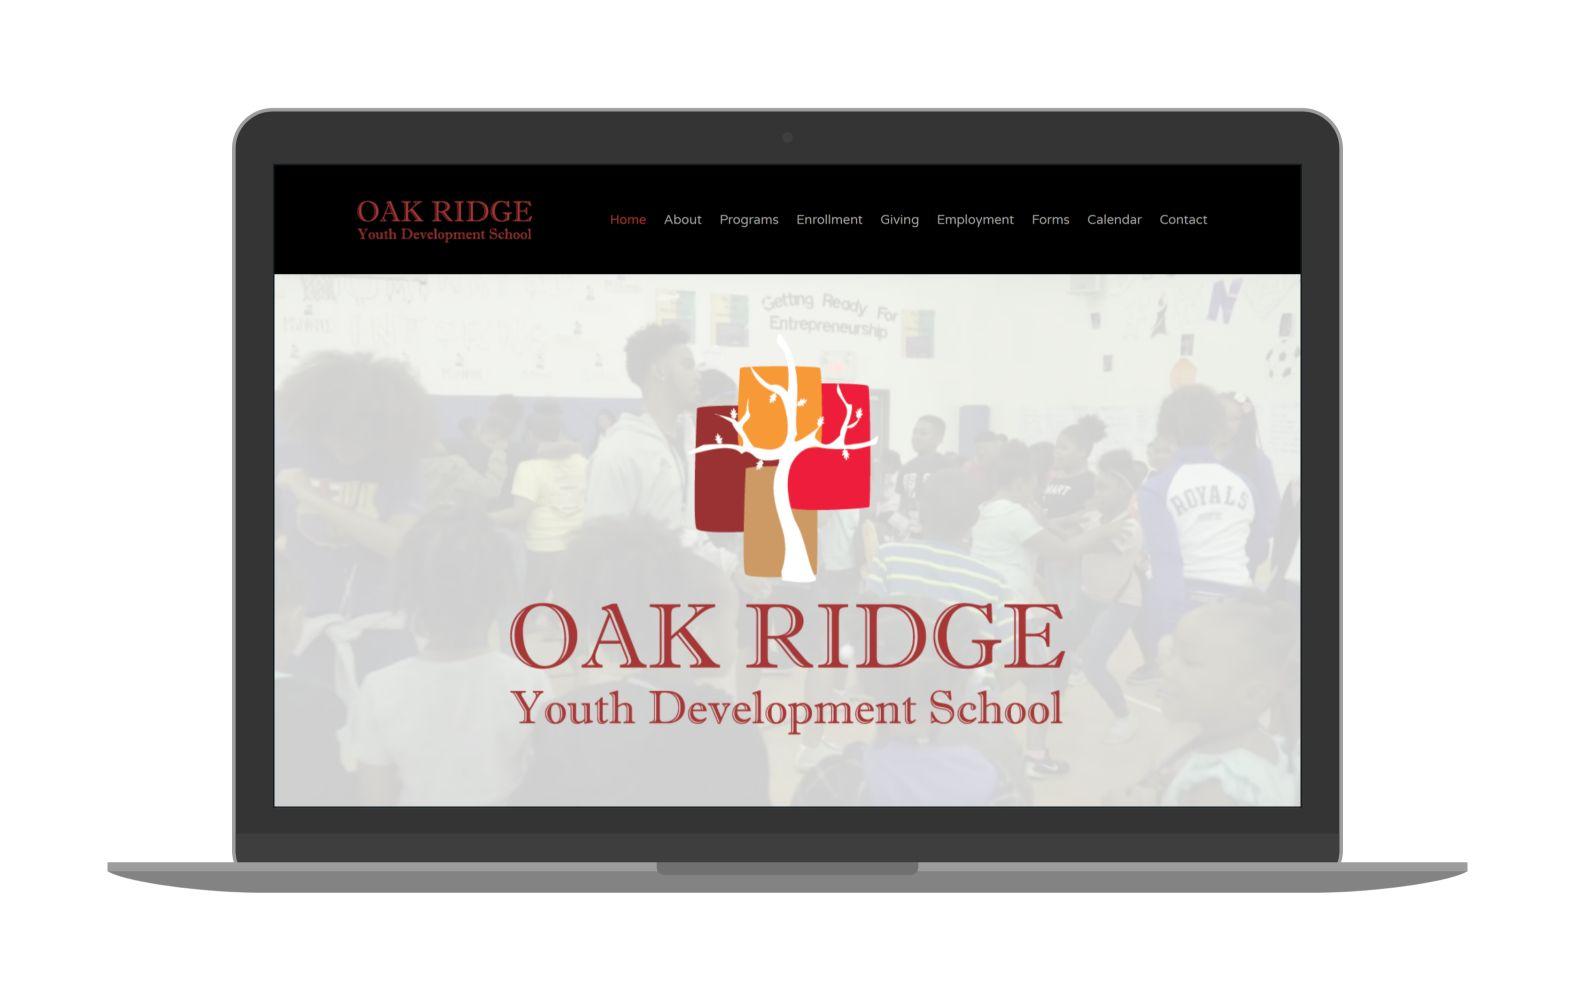 Swank Design Website and Graphic Design ORYD School-Macbook